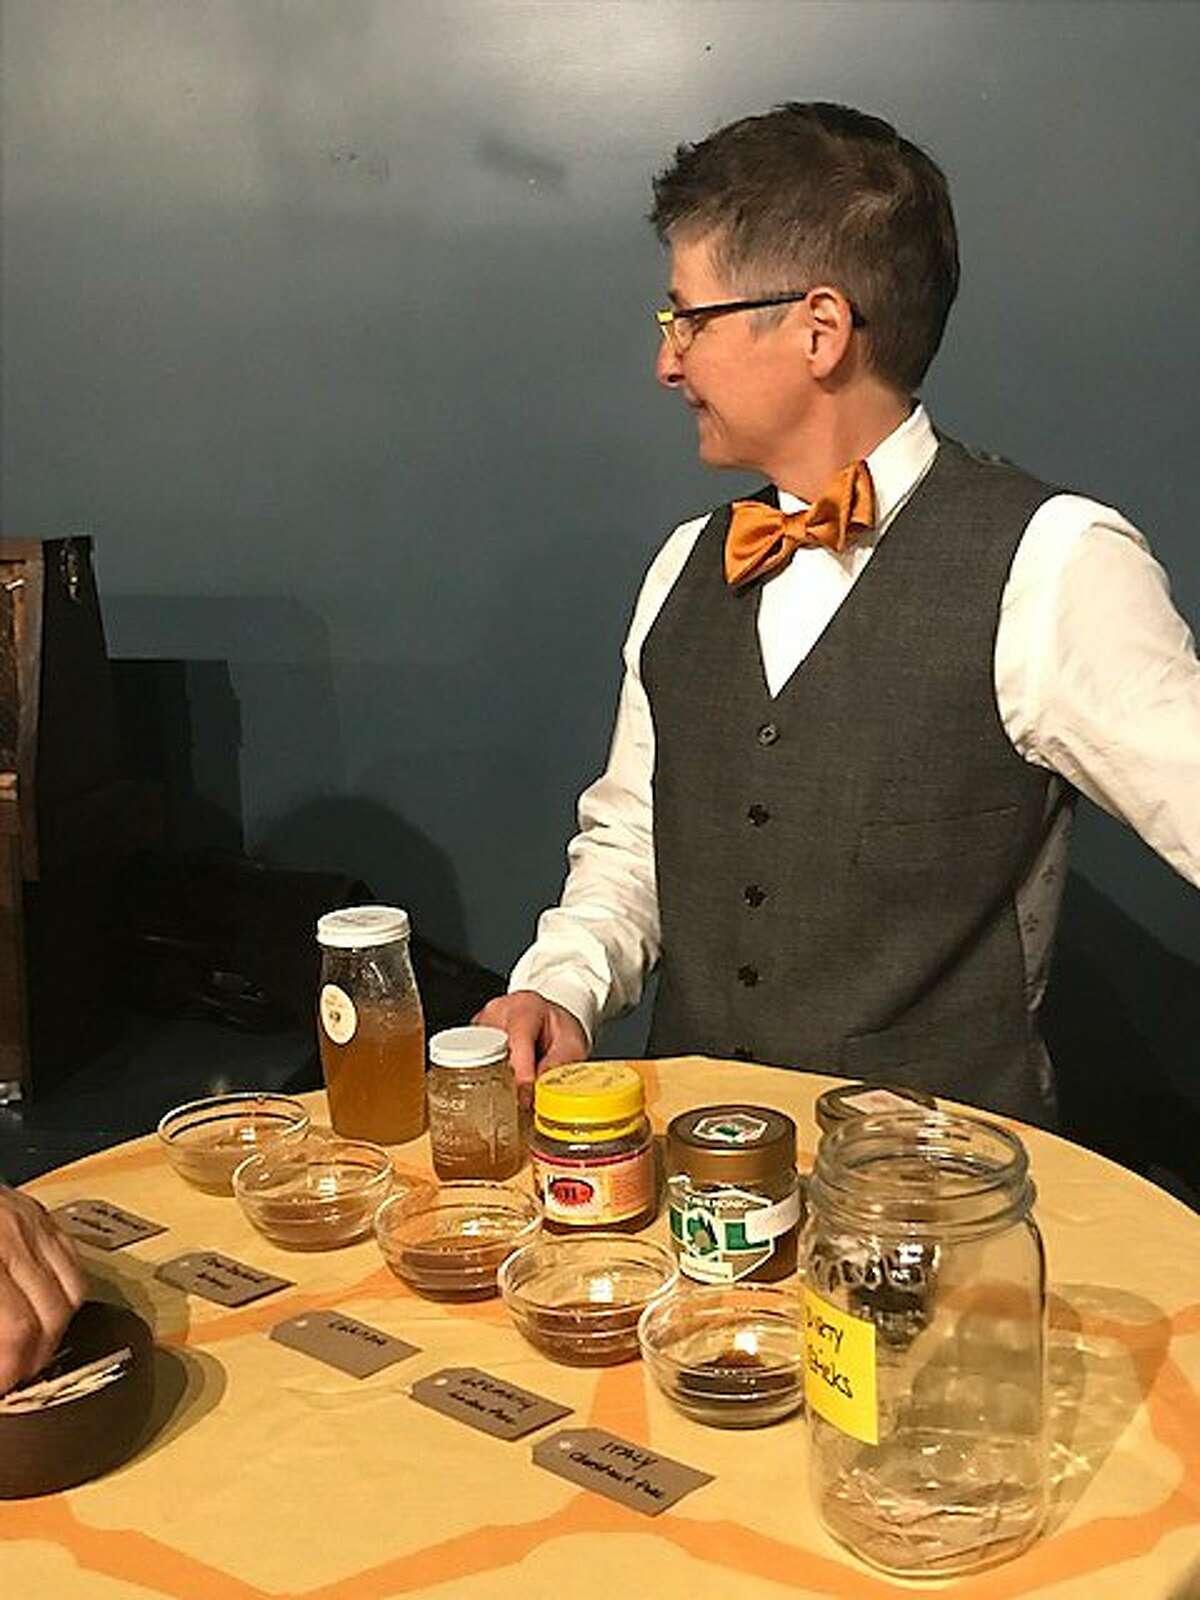 Jenn Jackson is honey sommelier at party for 'The Honey Bus'